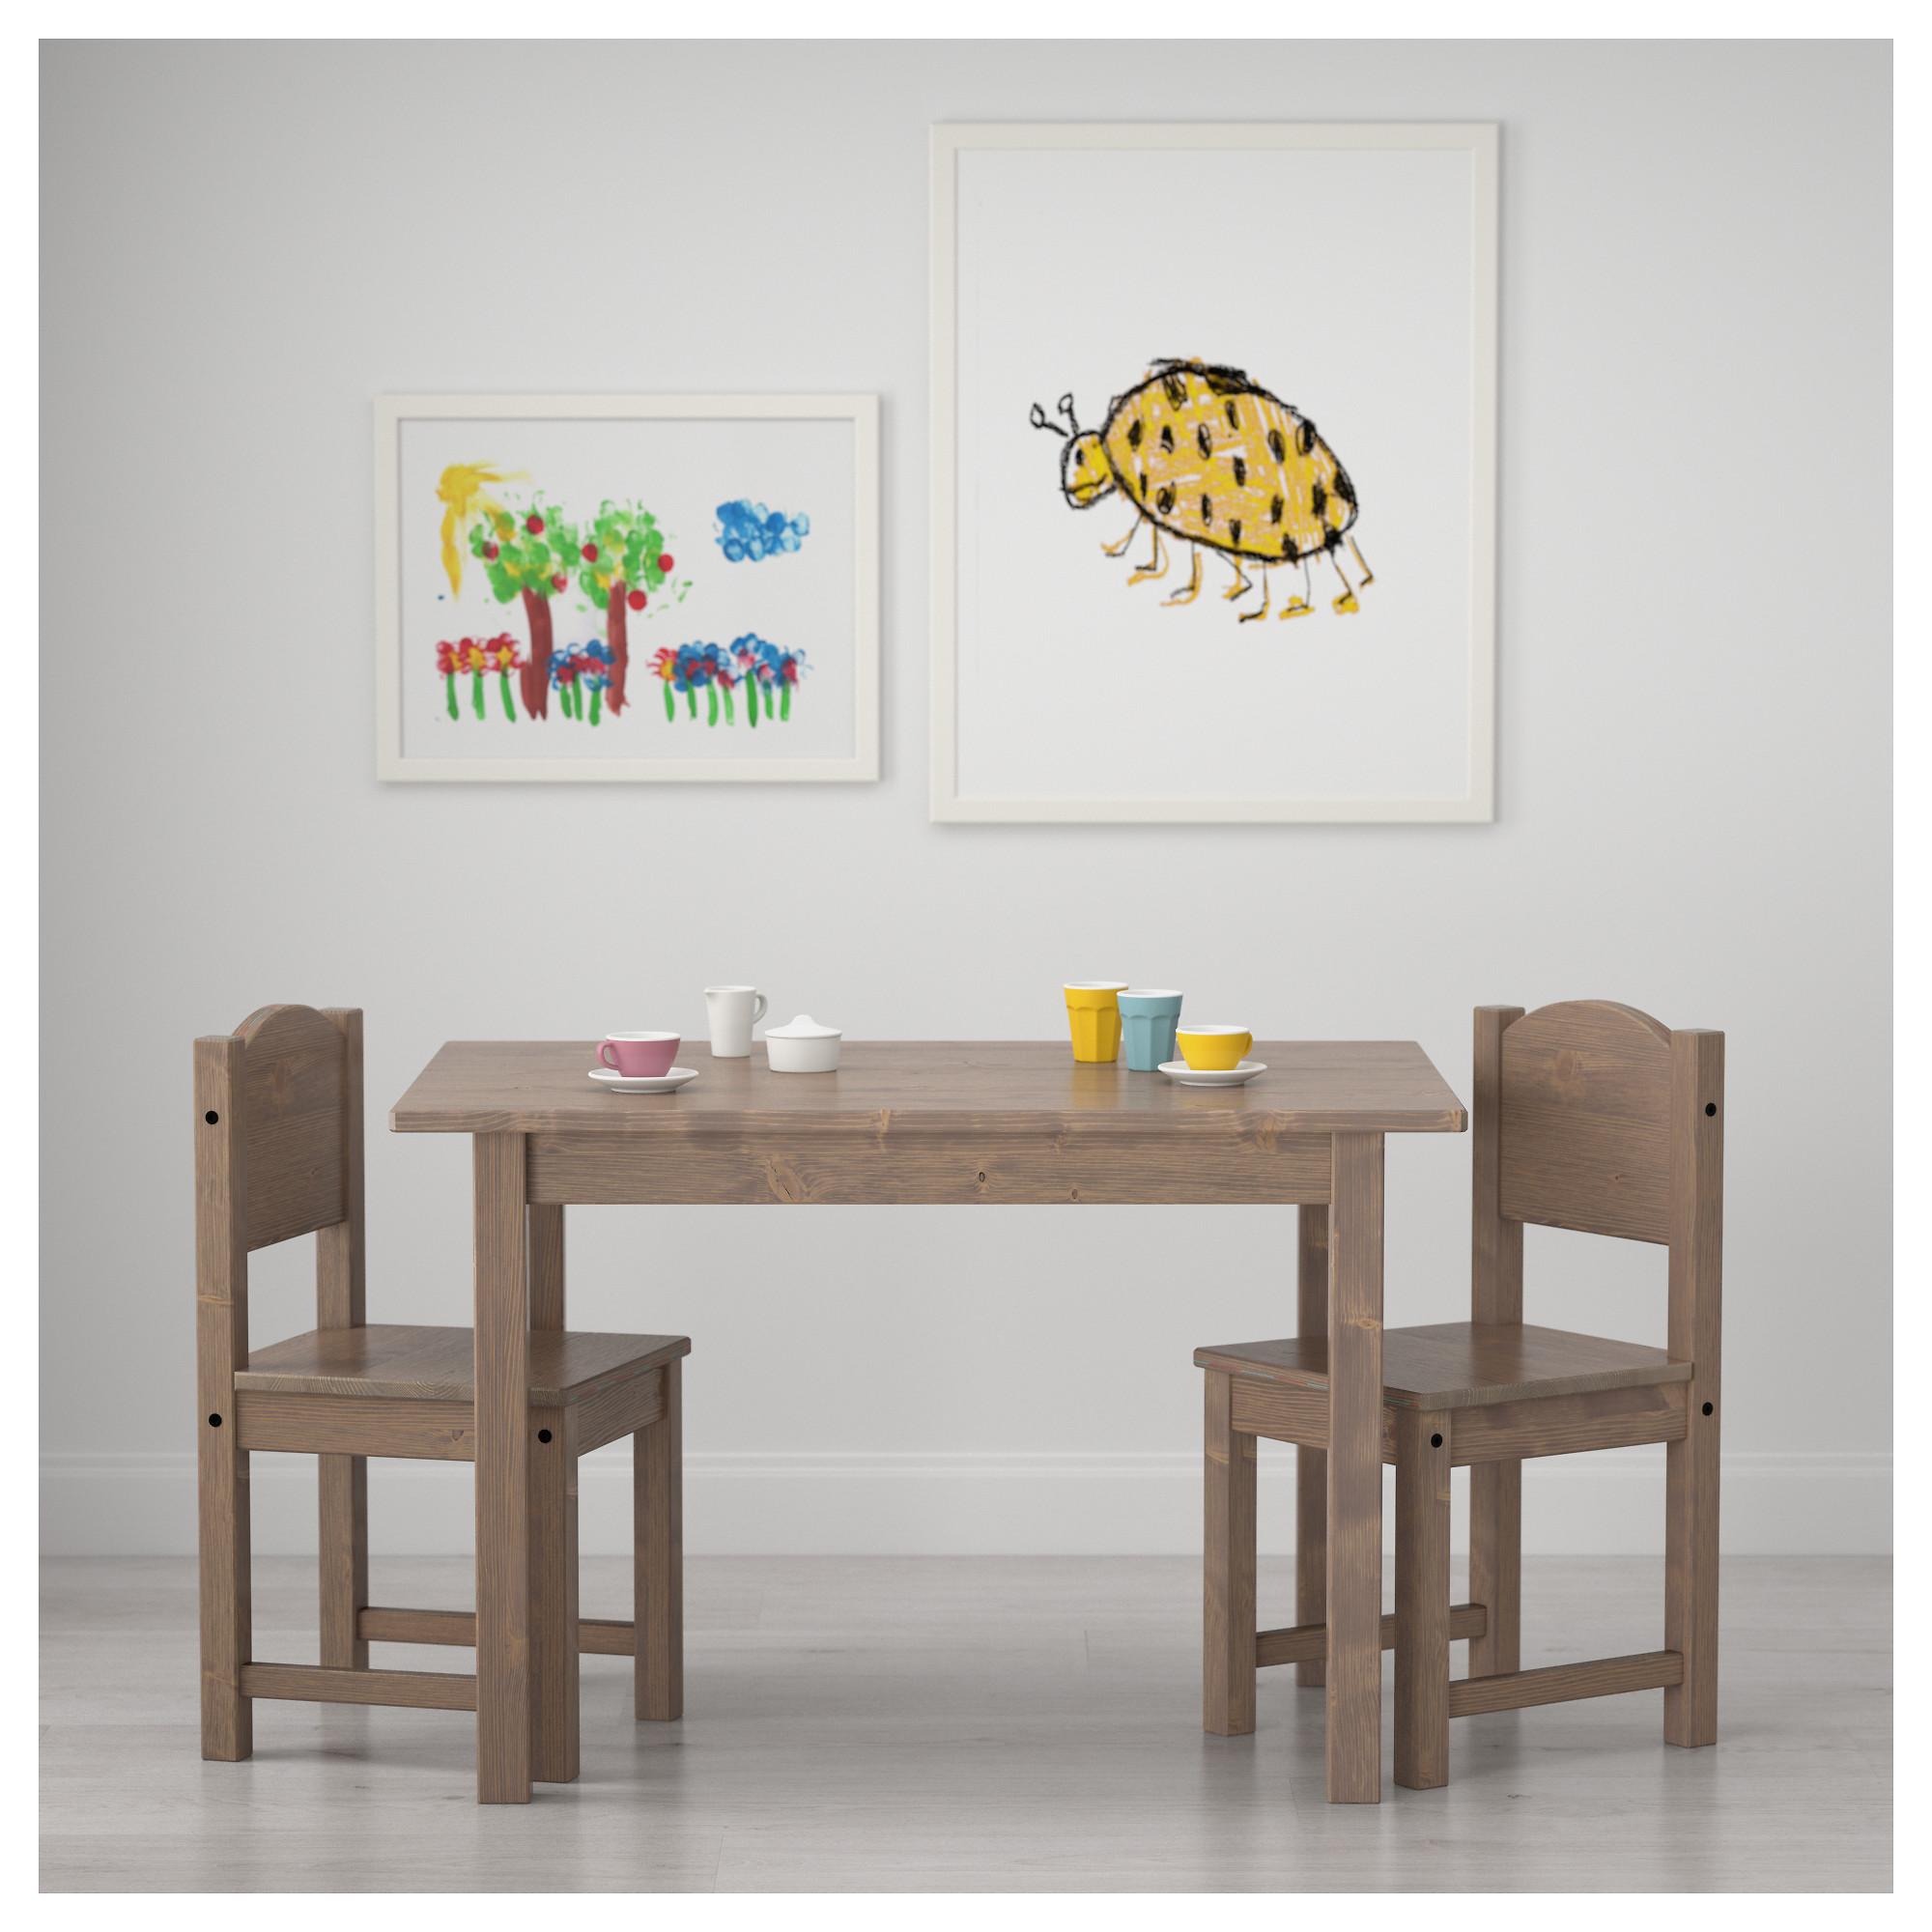 стулья икеа в минске купить стул Ikea с доставкой Ikealove